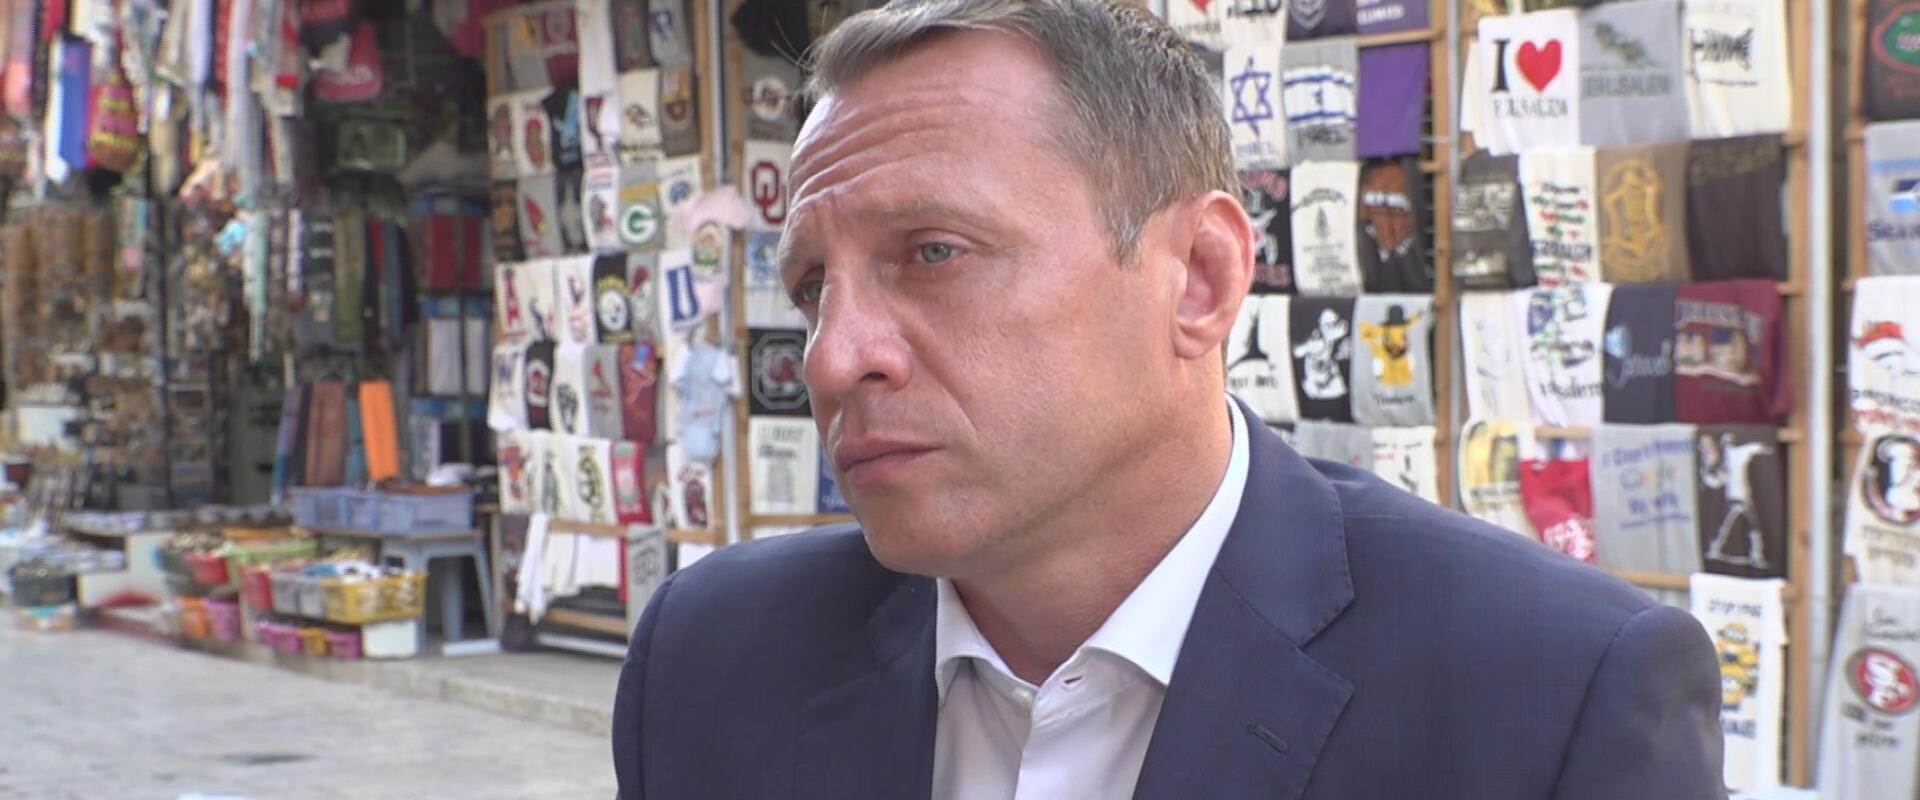 שר התיירות יואל רזבוזוב